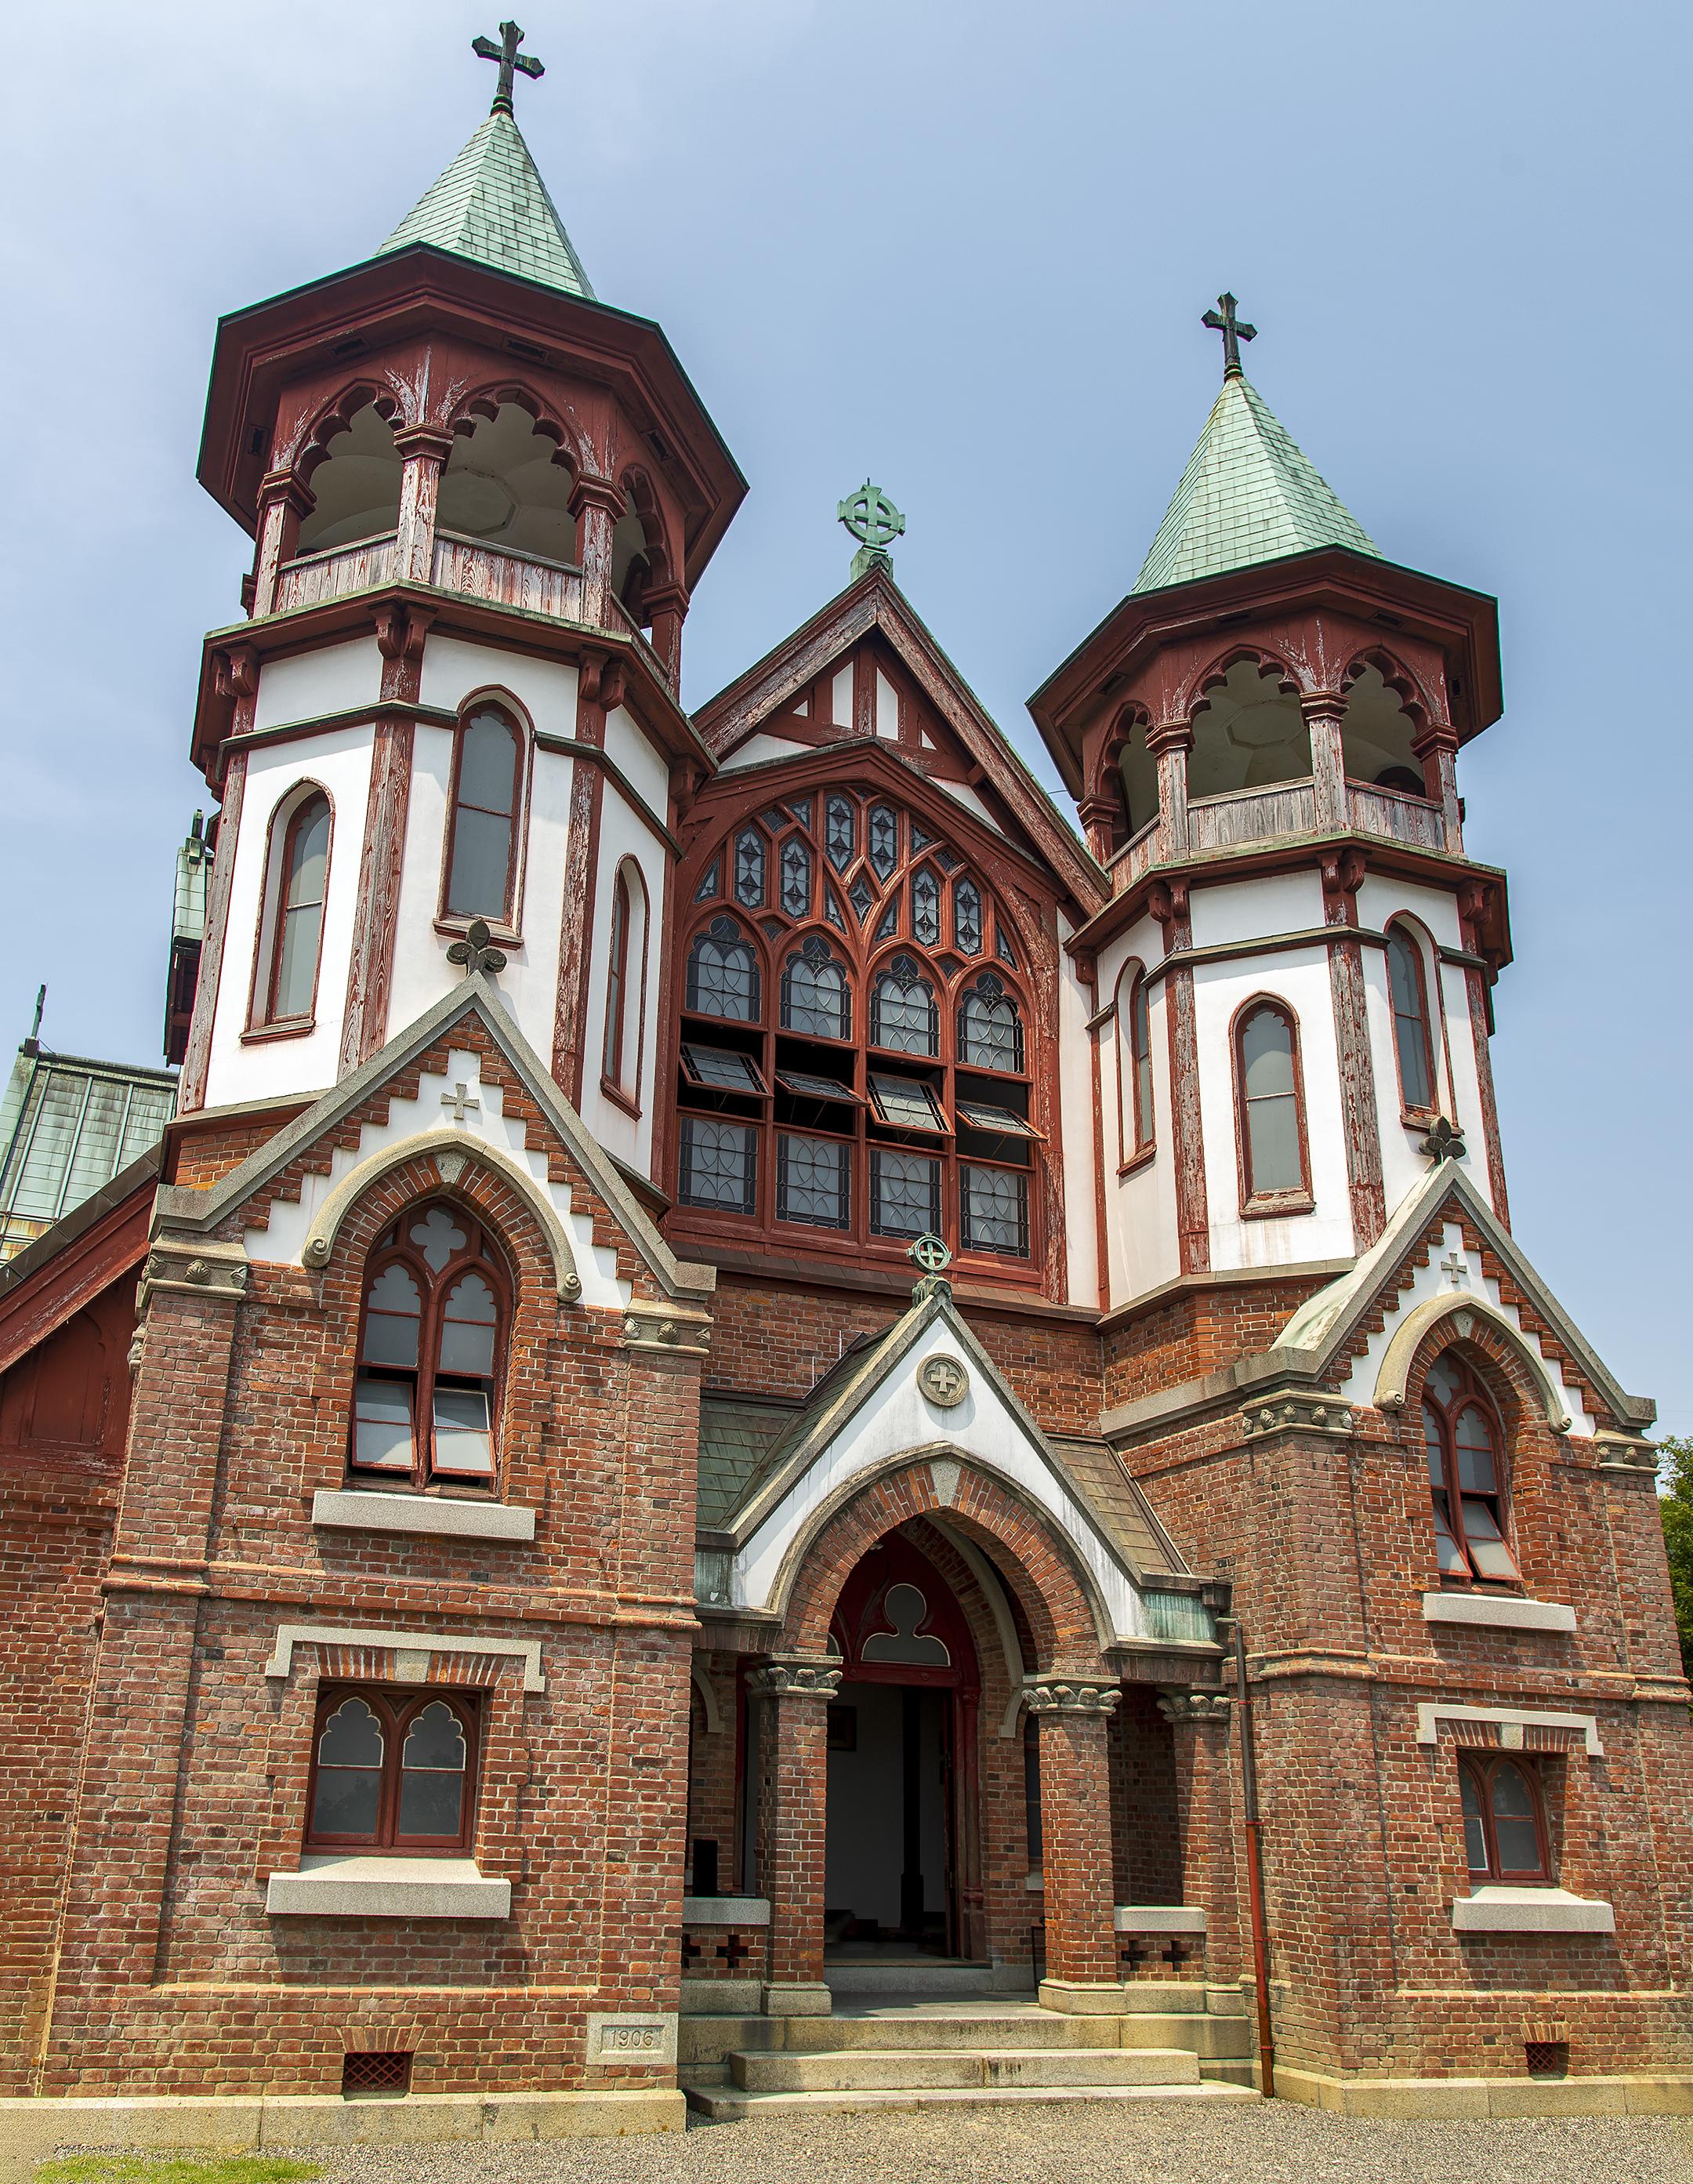 Meiji Mura St Johns Church 聖ヨハネ教会堂 from Kyoto